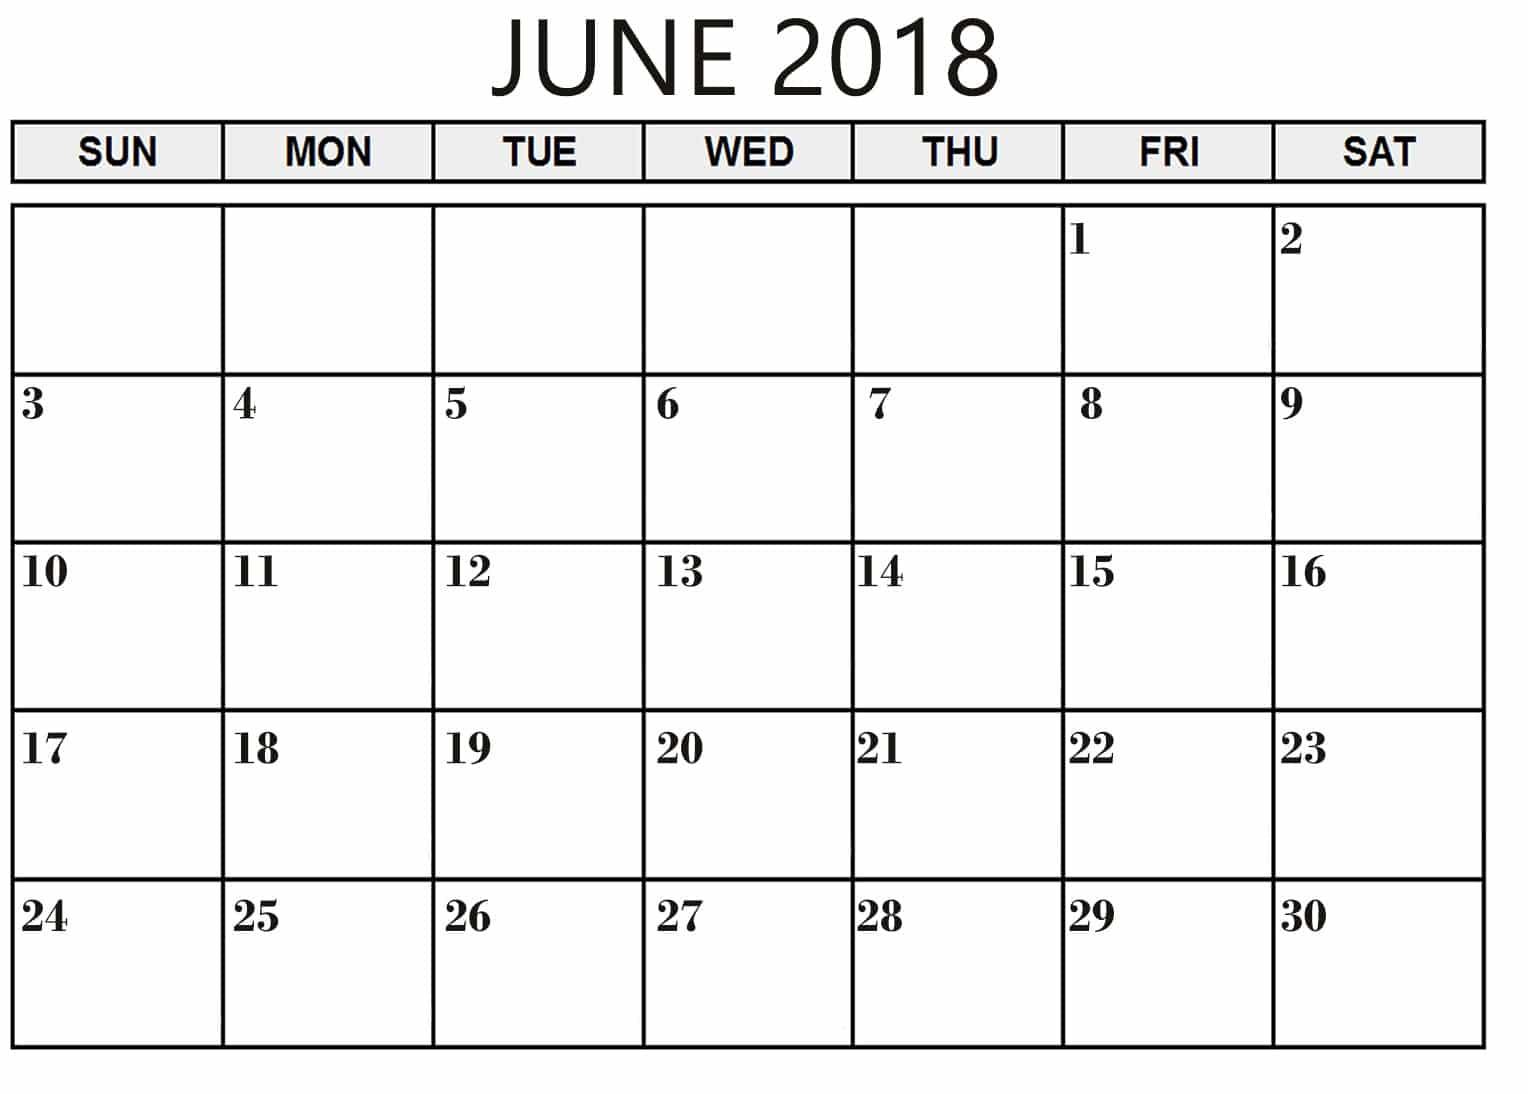 June Calendar 2018 Printable